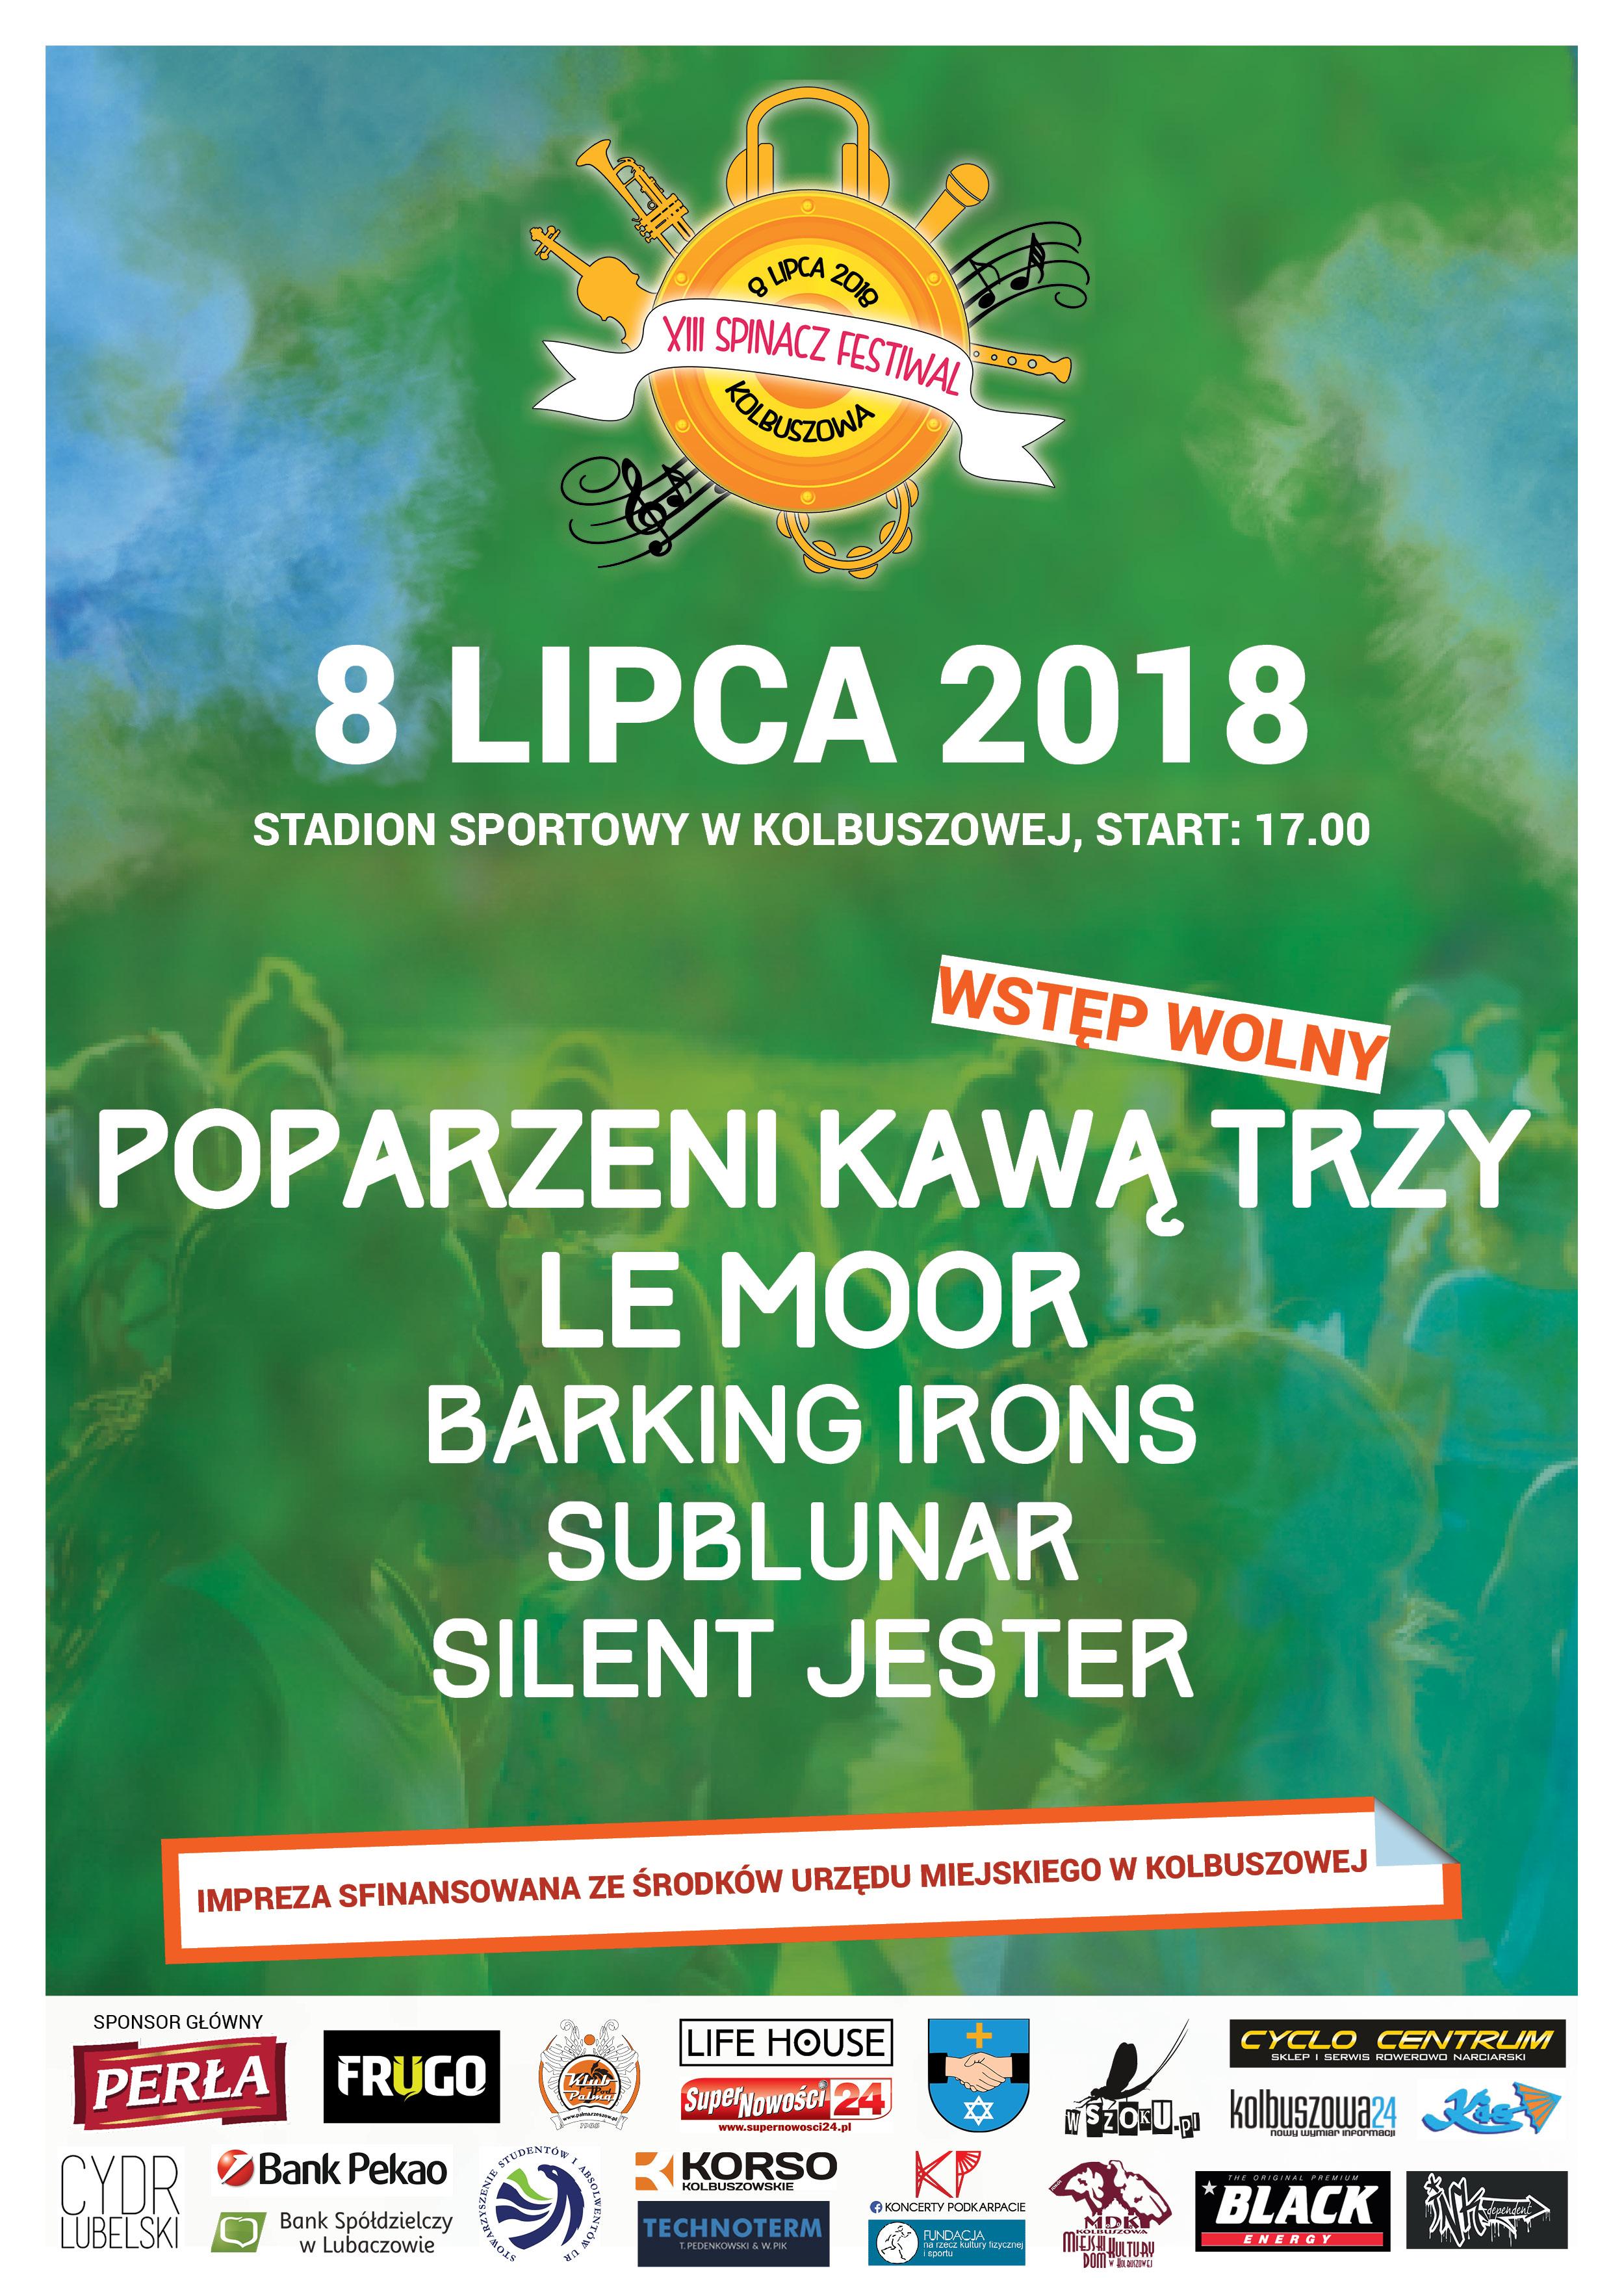 Spinacz 2018 z koncertem Poparzeni Kawą Trzy. Festiwal muzyczny odbędzie się na stadionie w Kolbuszowej  - Zdjęcie główne